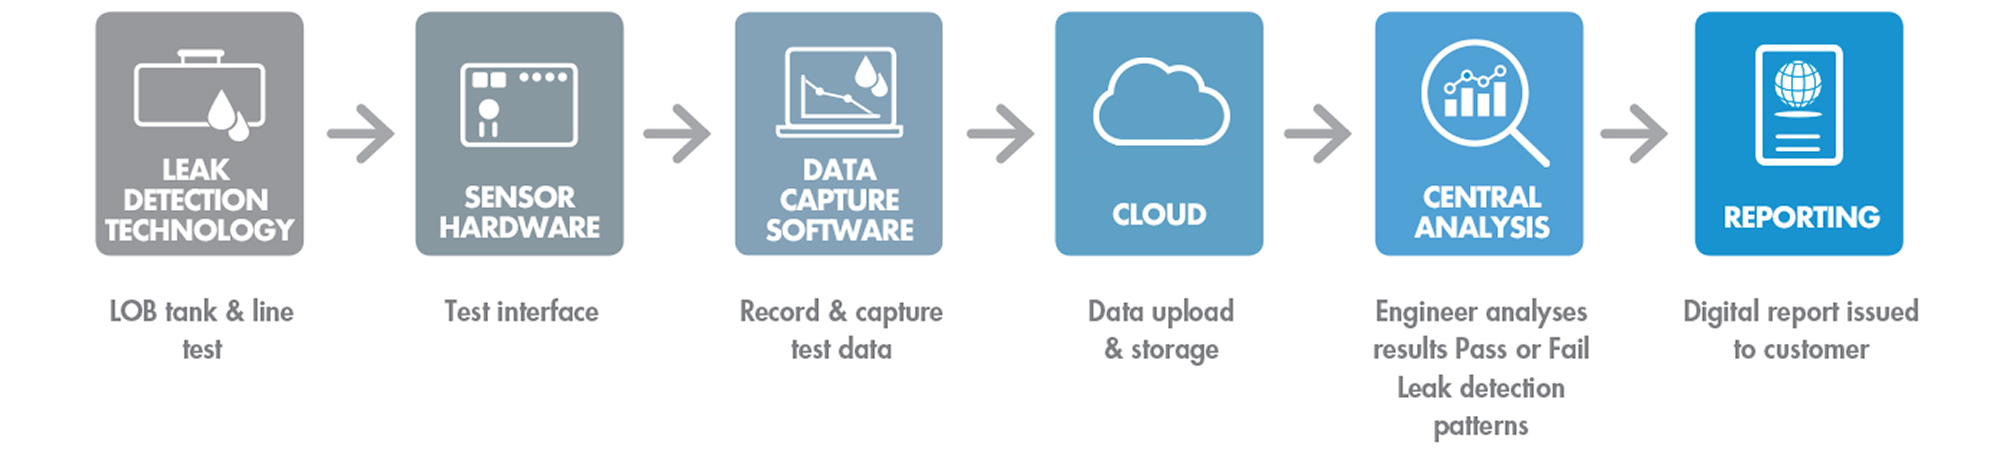 End-to-end digital testing platform